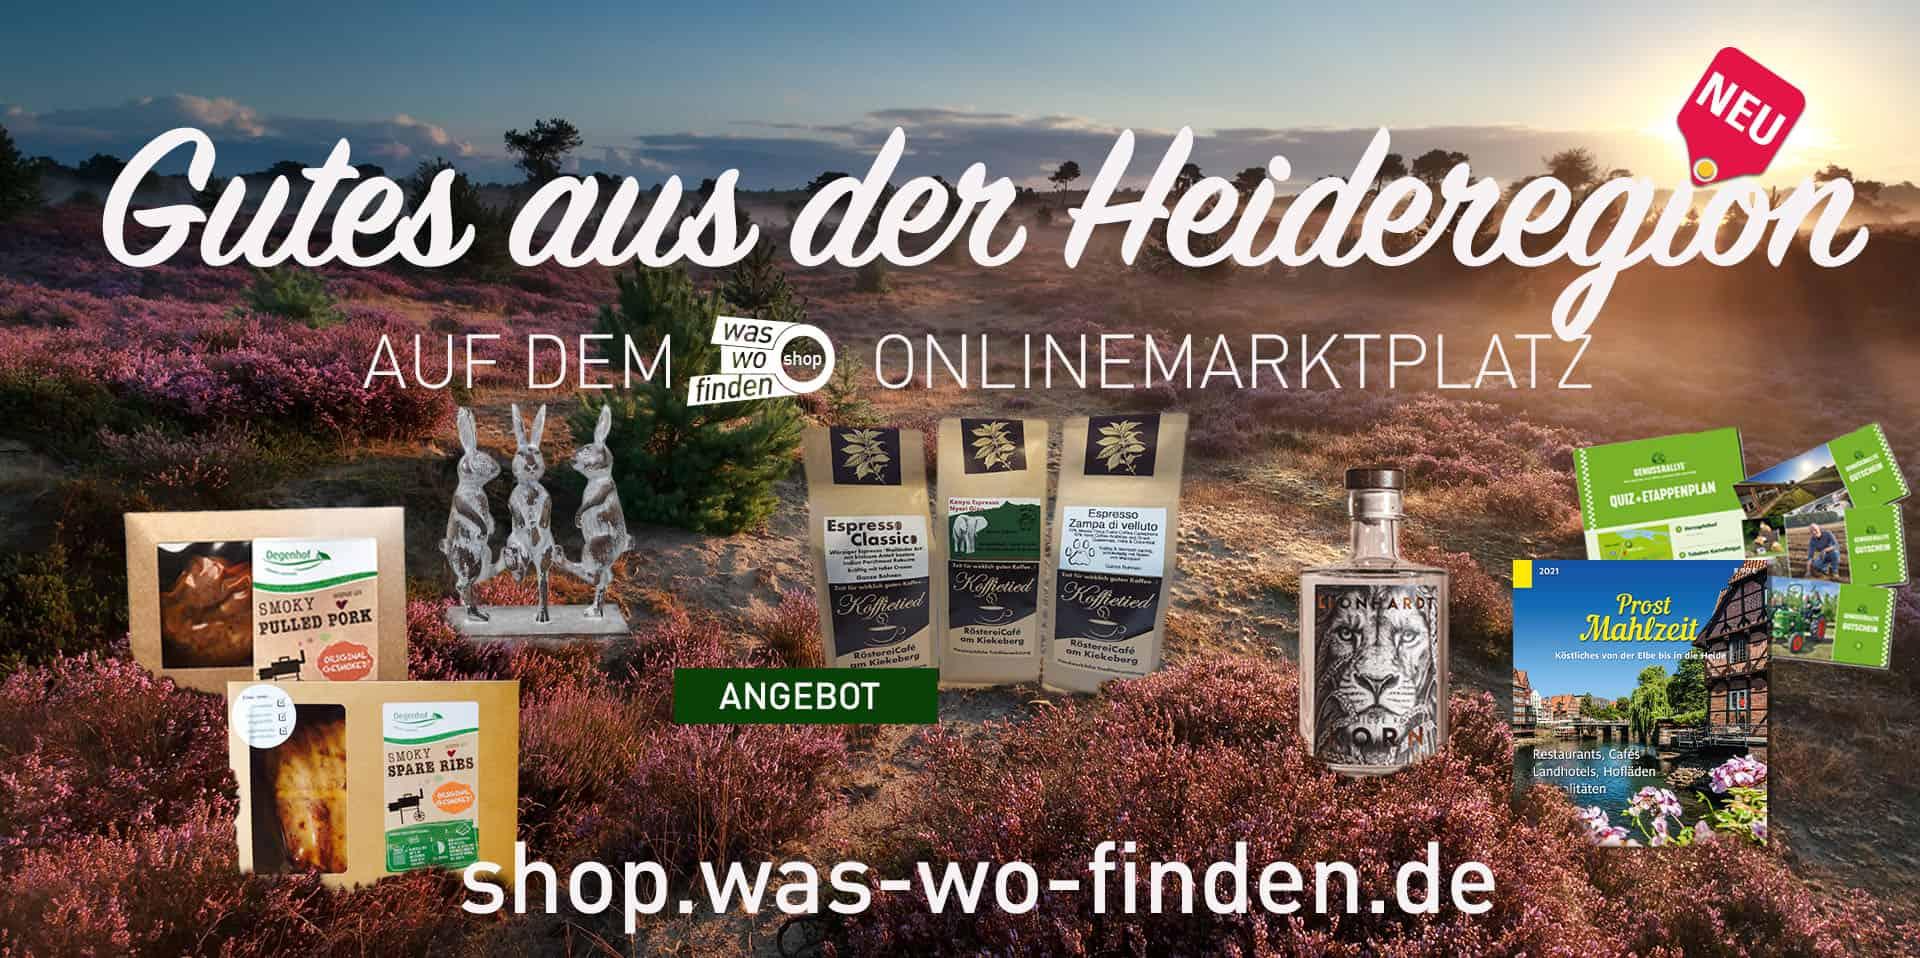 Gutes aus der Lüneburger Heide